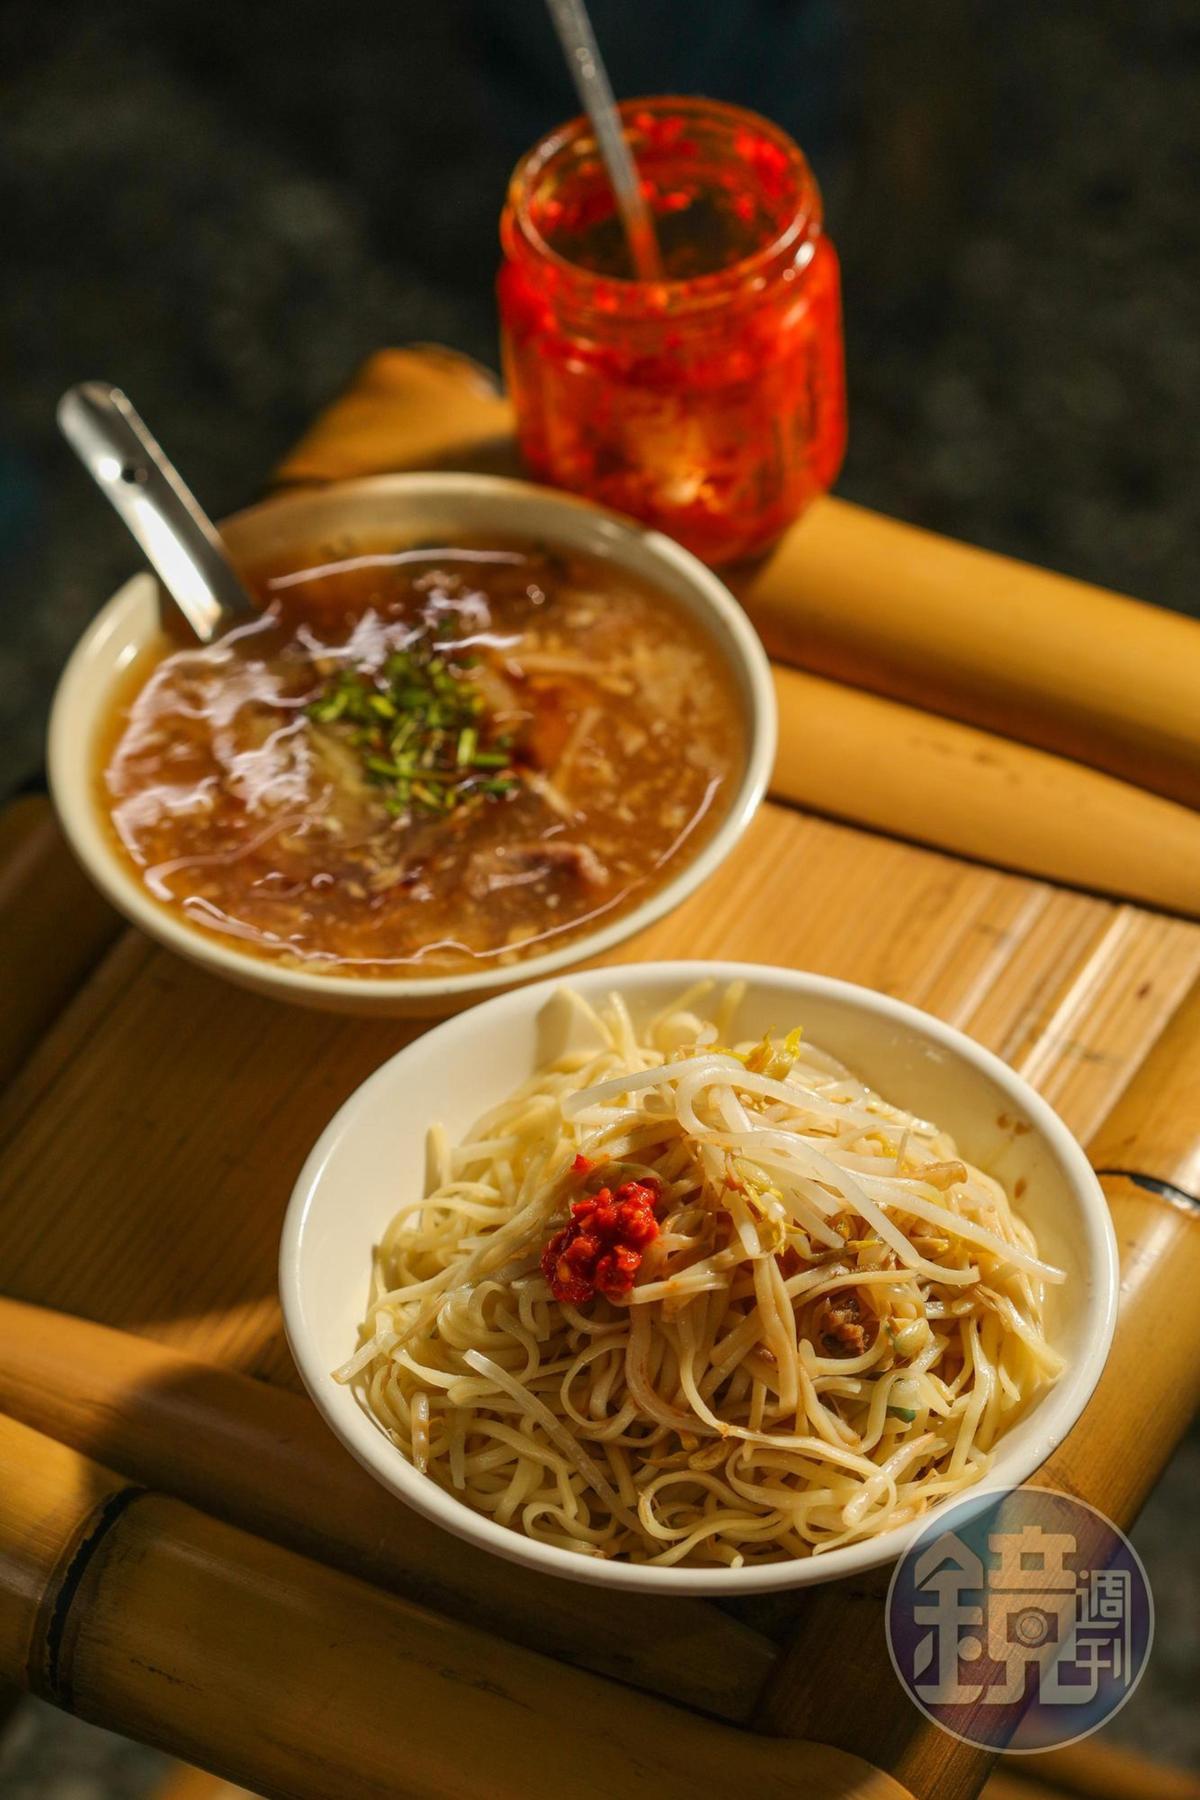 樸實的「豆菜麵」(20元/碗)和「肉羹」(20元/碗 ),是在地早餐。